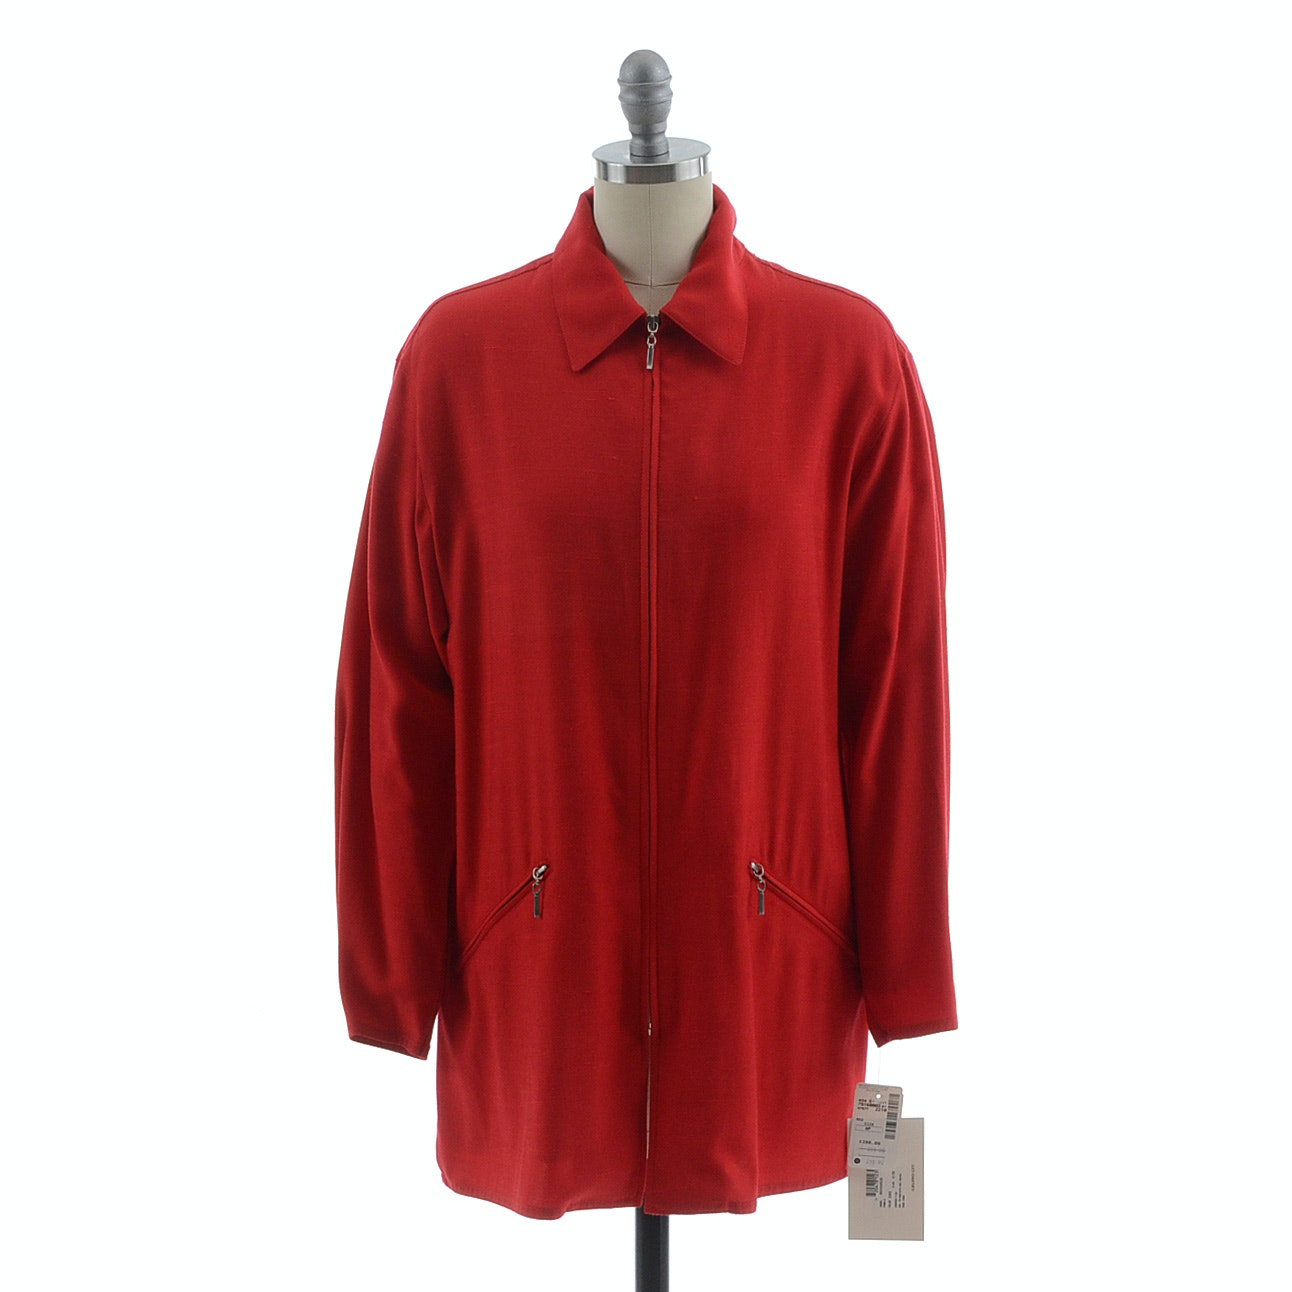 1980s Emanuel Ungaro Crimson Red Zipper Front Jacket